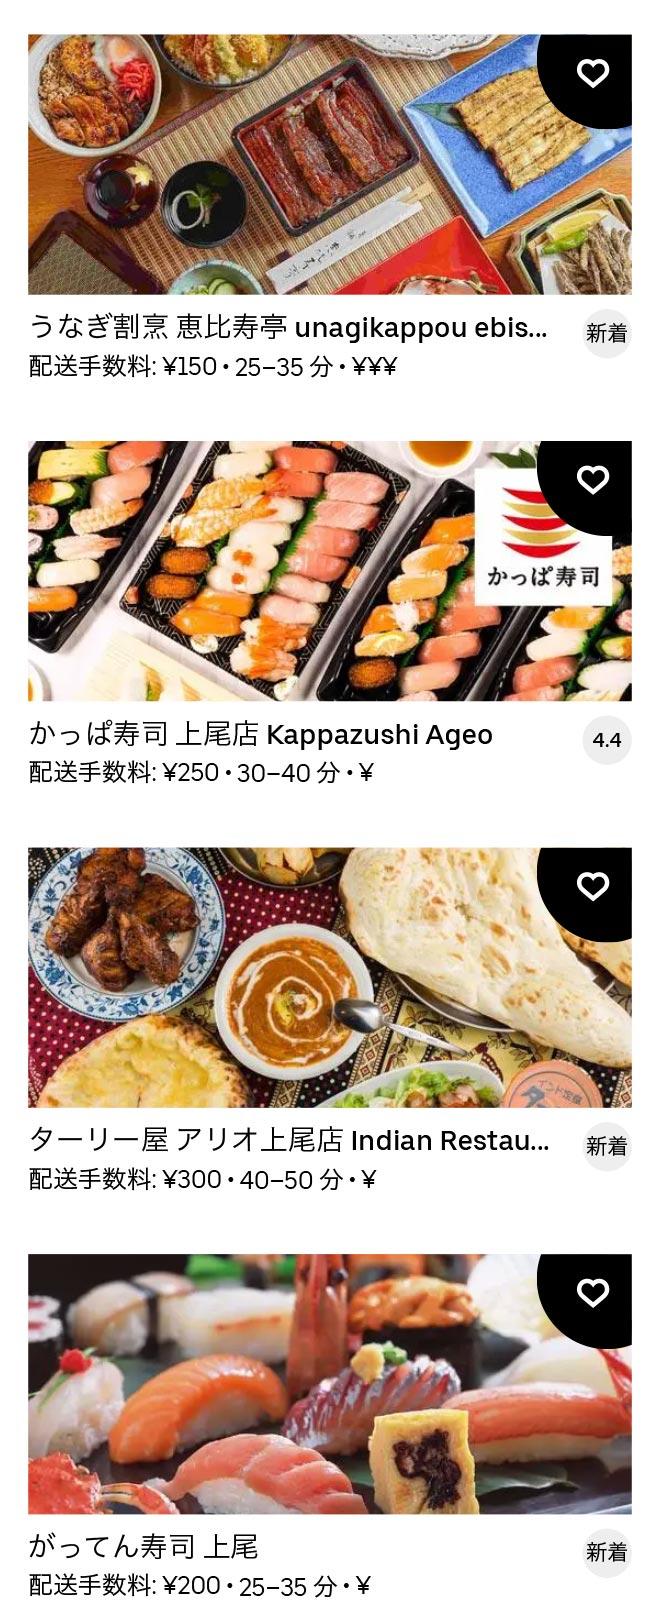 Ageo menu 2012 08